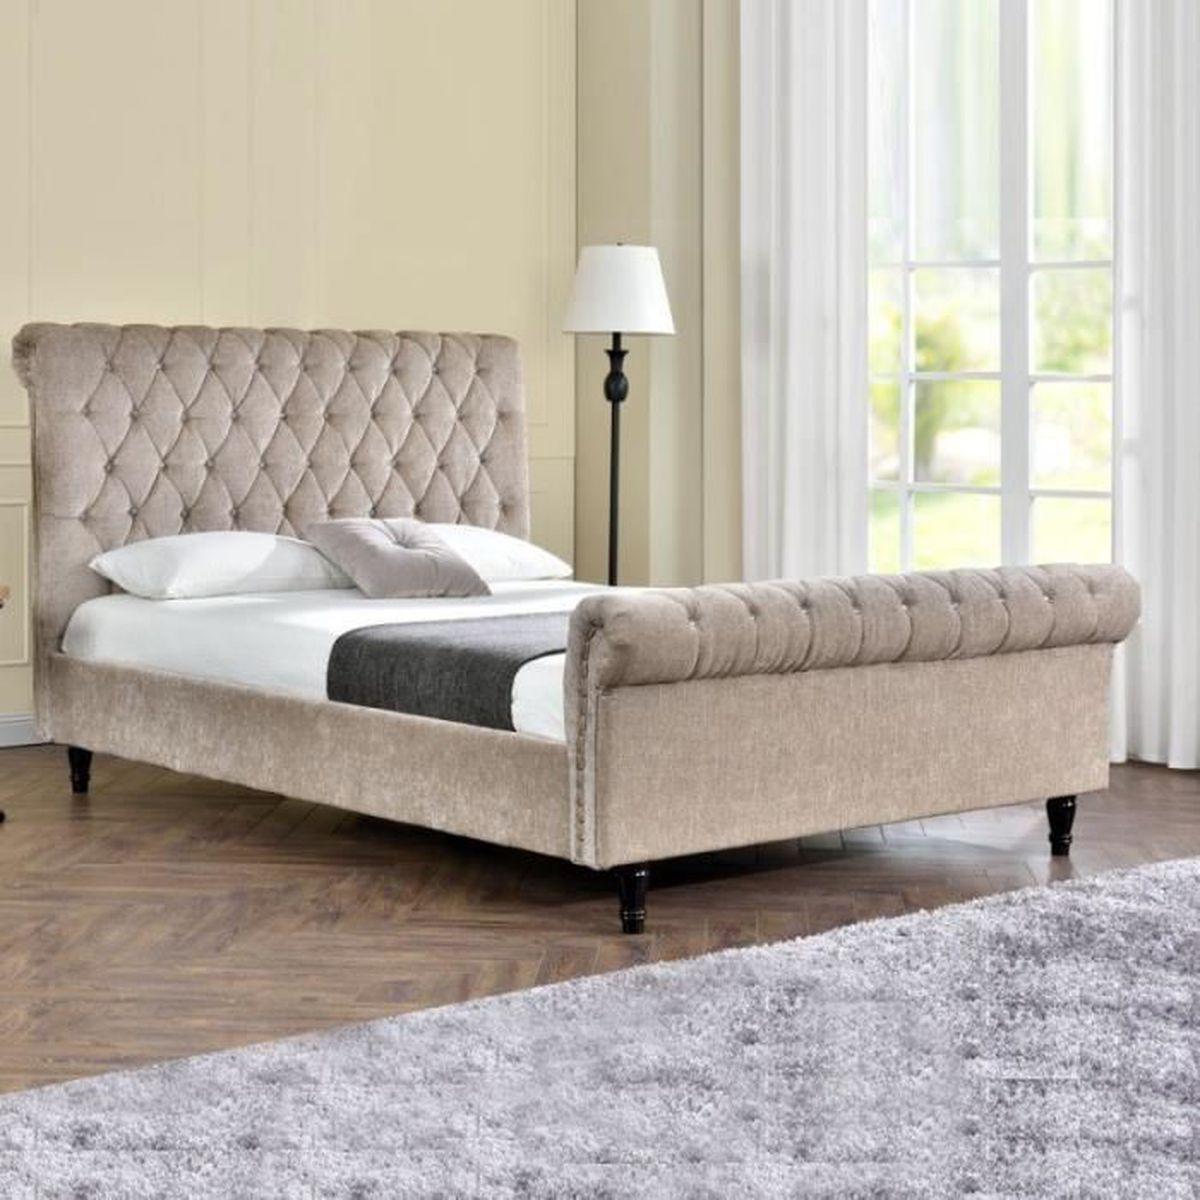 tete de lit en solde tte de lit luxor cm blanc bois de. Black Bedroom Furniture Sets. Home Design Ideas